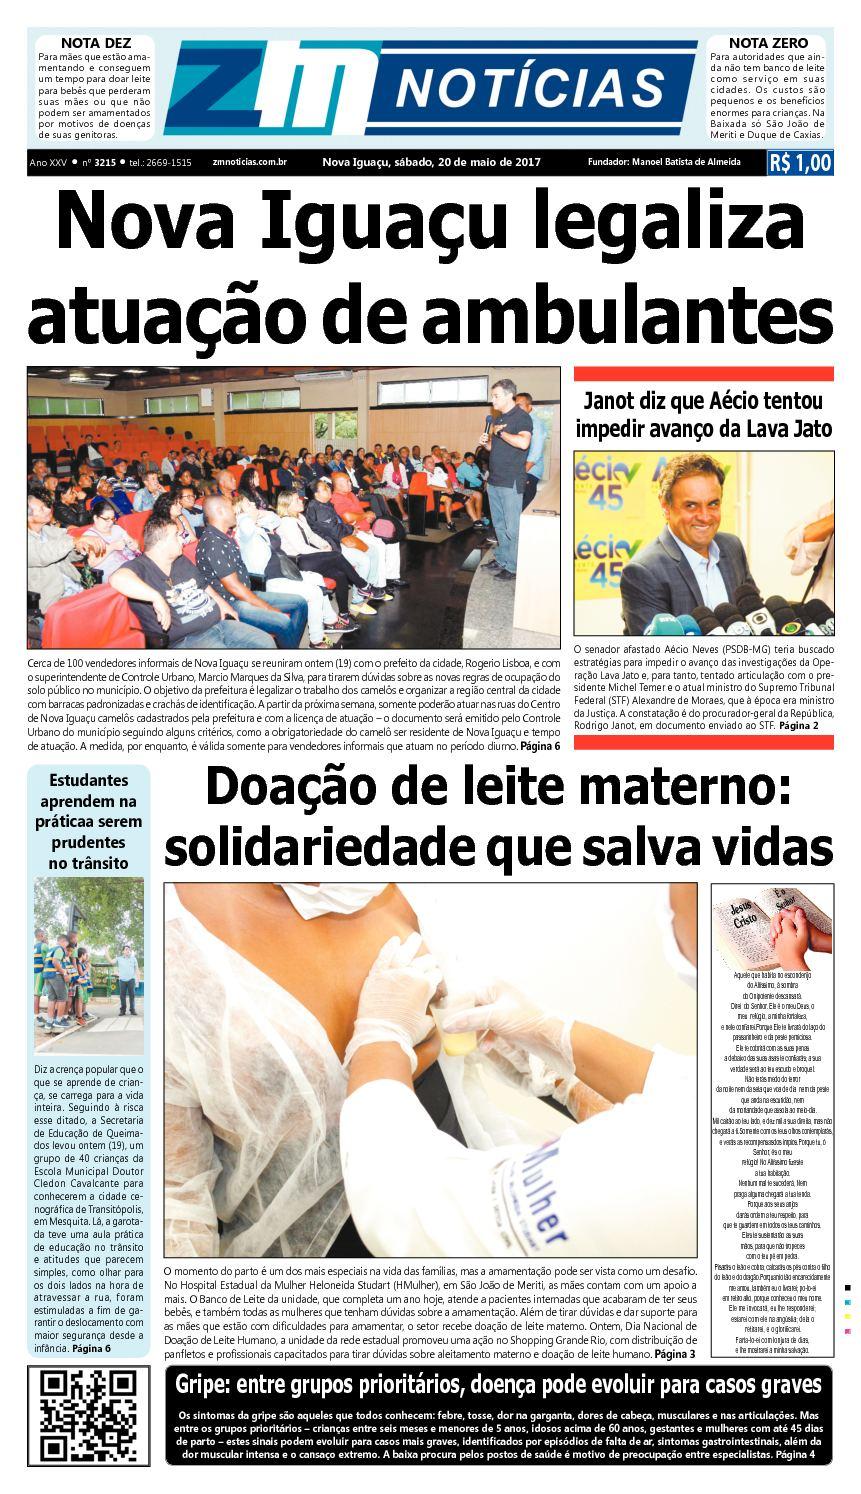 ZM Noticias - Edição 200517